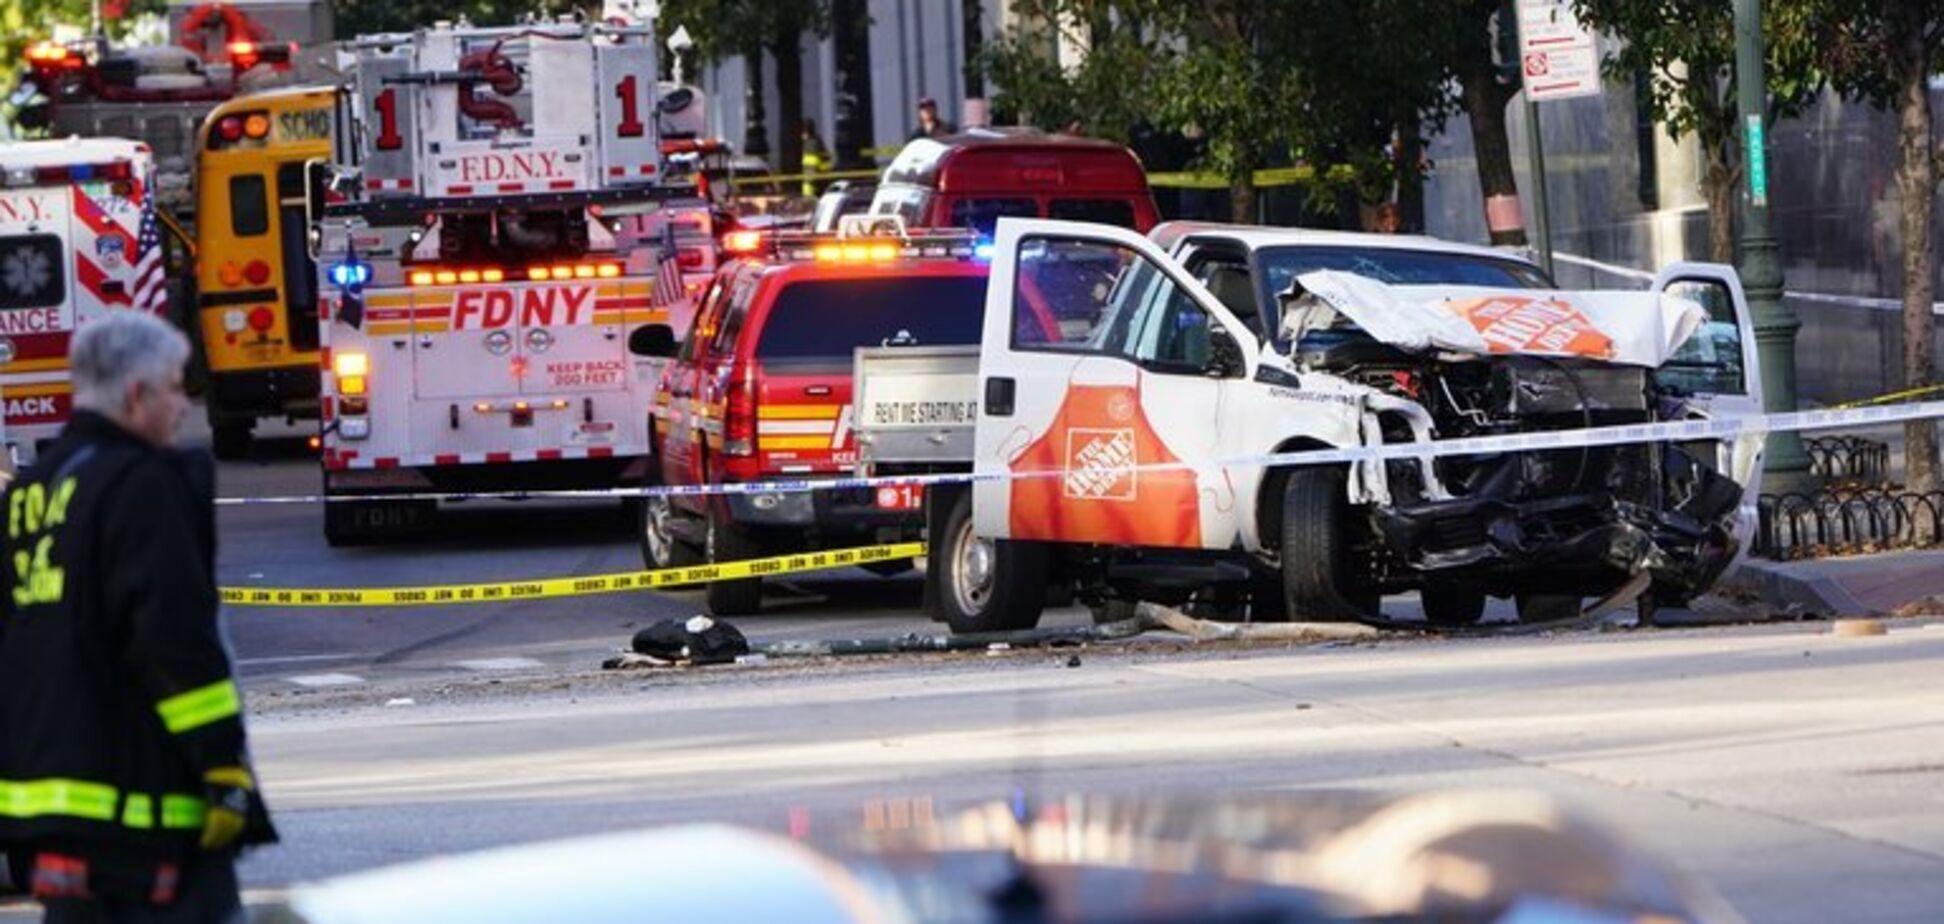 Терористична атака в центрі Нью-Йорка: всі подробиці, фото і відео